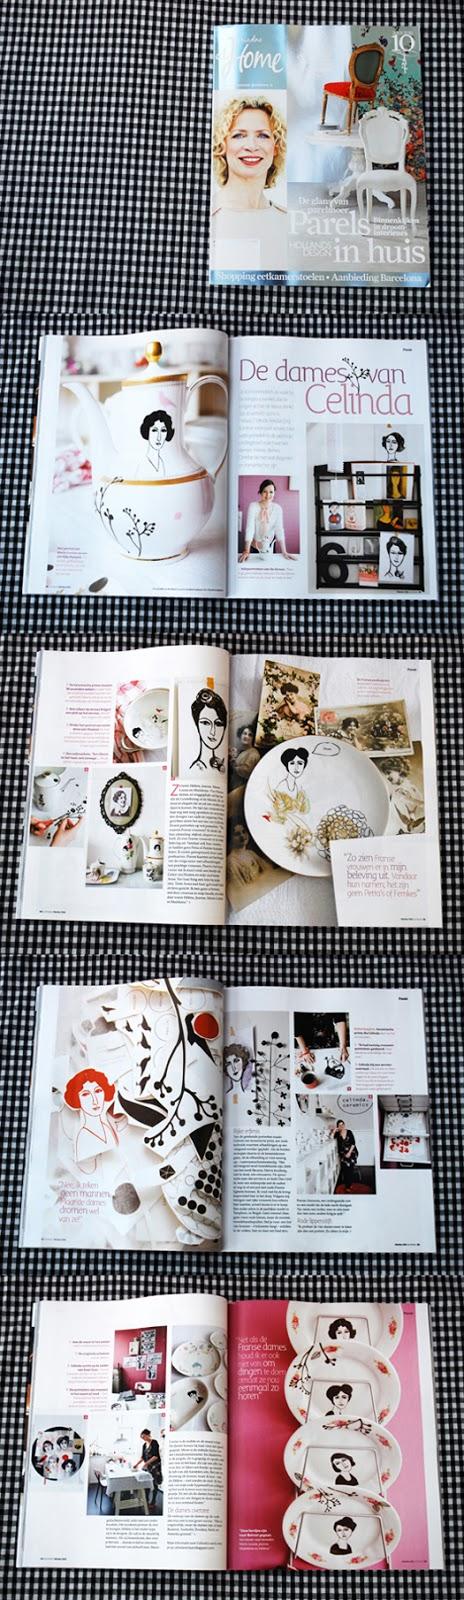 Celinda les dames in ariadne at home magazine for Magazine ariadne at home